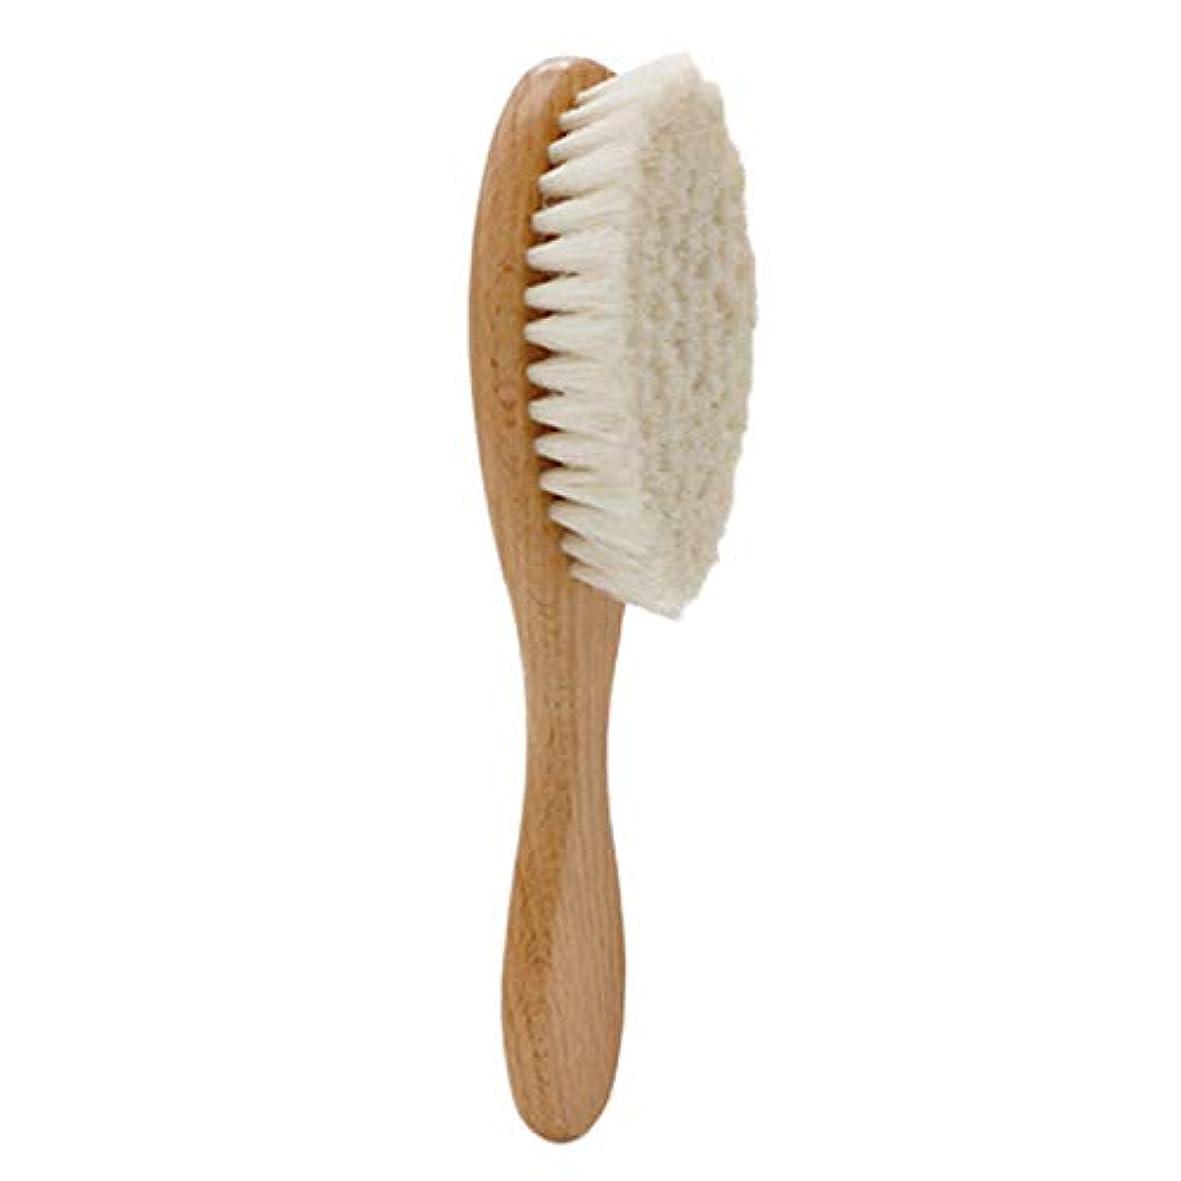 サンダルコンピューターを使用するパントリーSODIAL 木製ハンドル理髪ソフトファイバーブラシ床屋首ダスタークリーニング削除ブラシヘアスタイリングツール